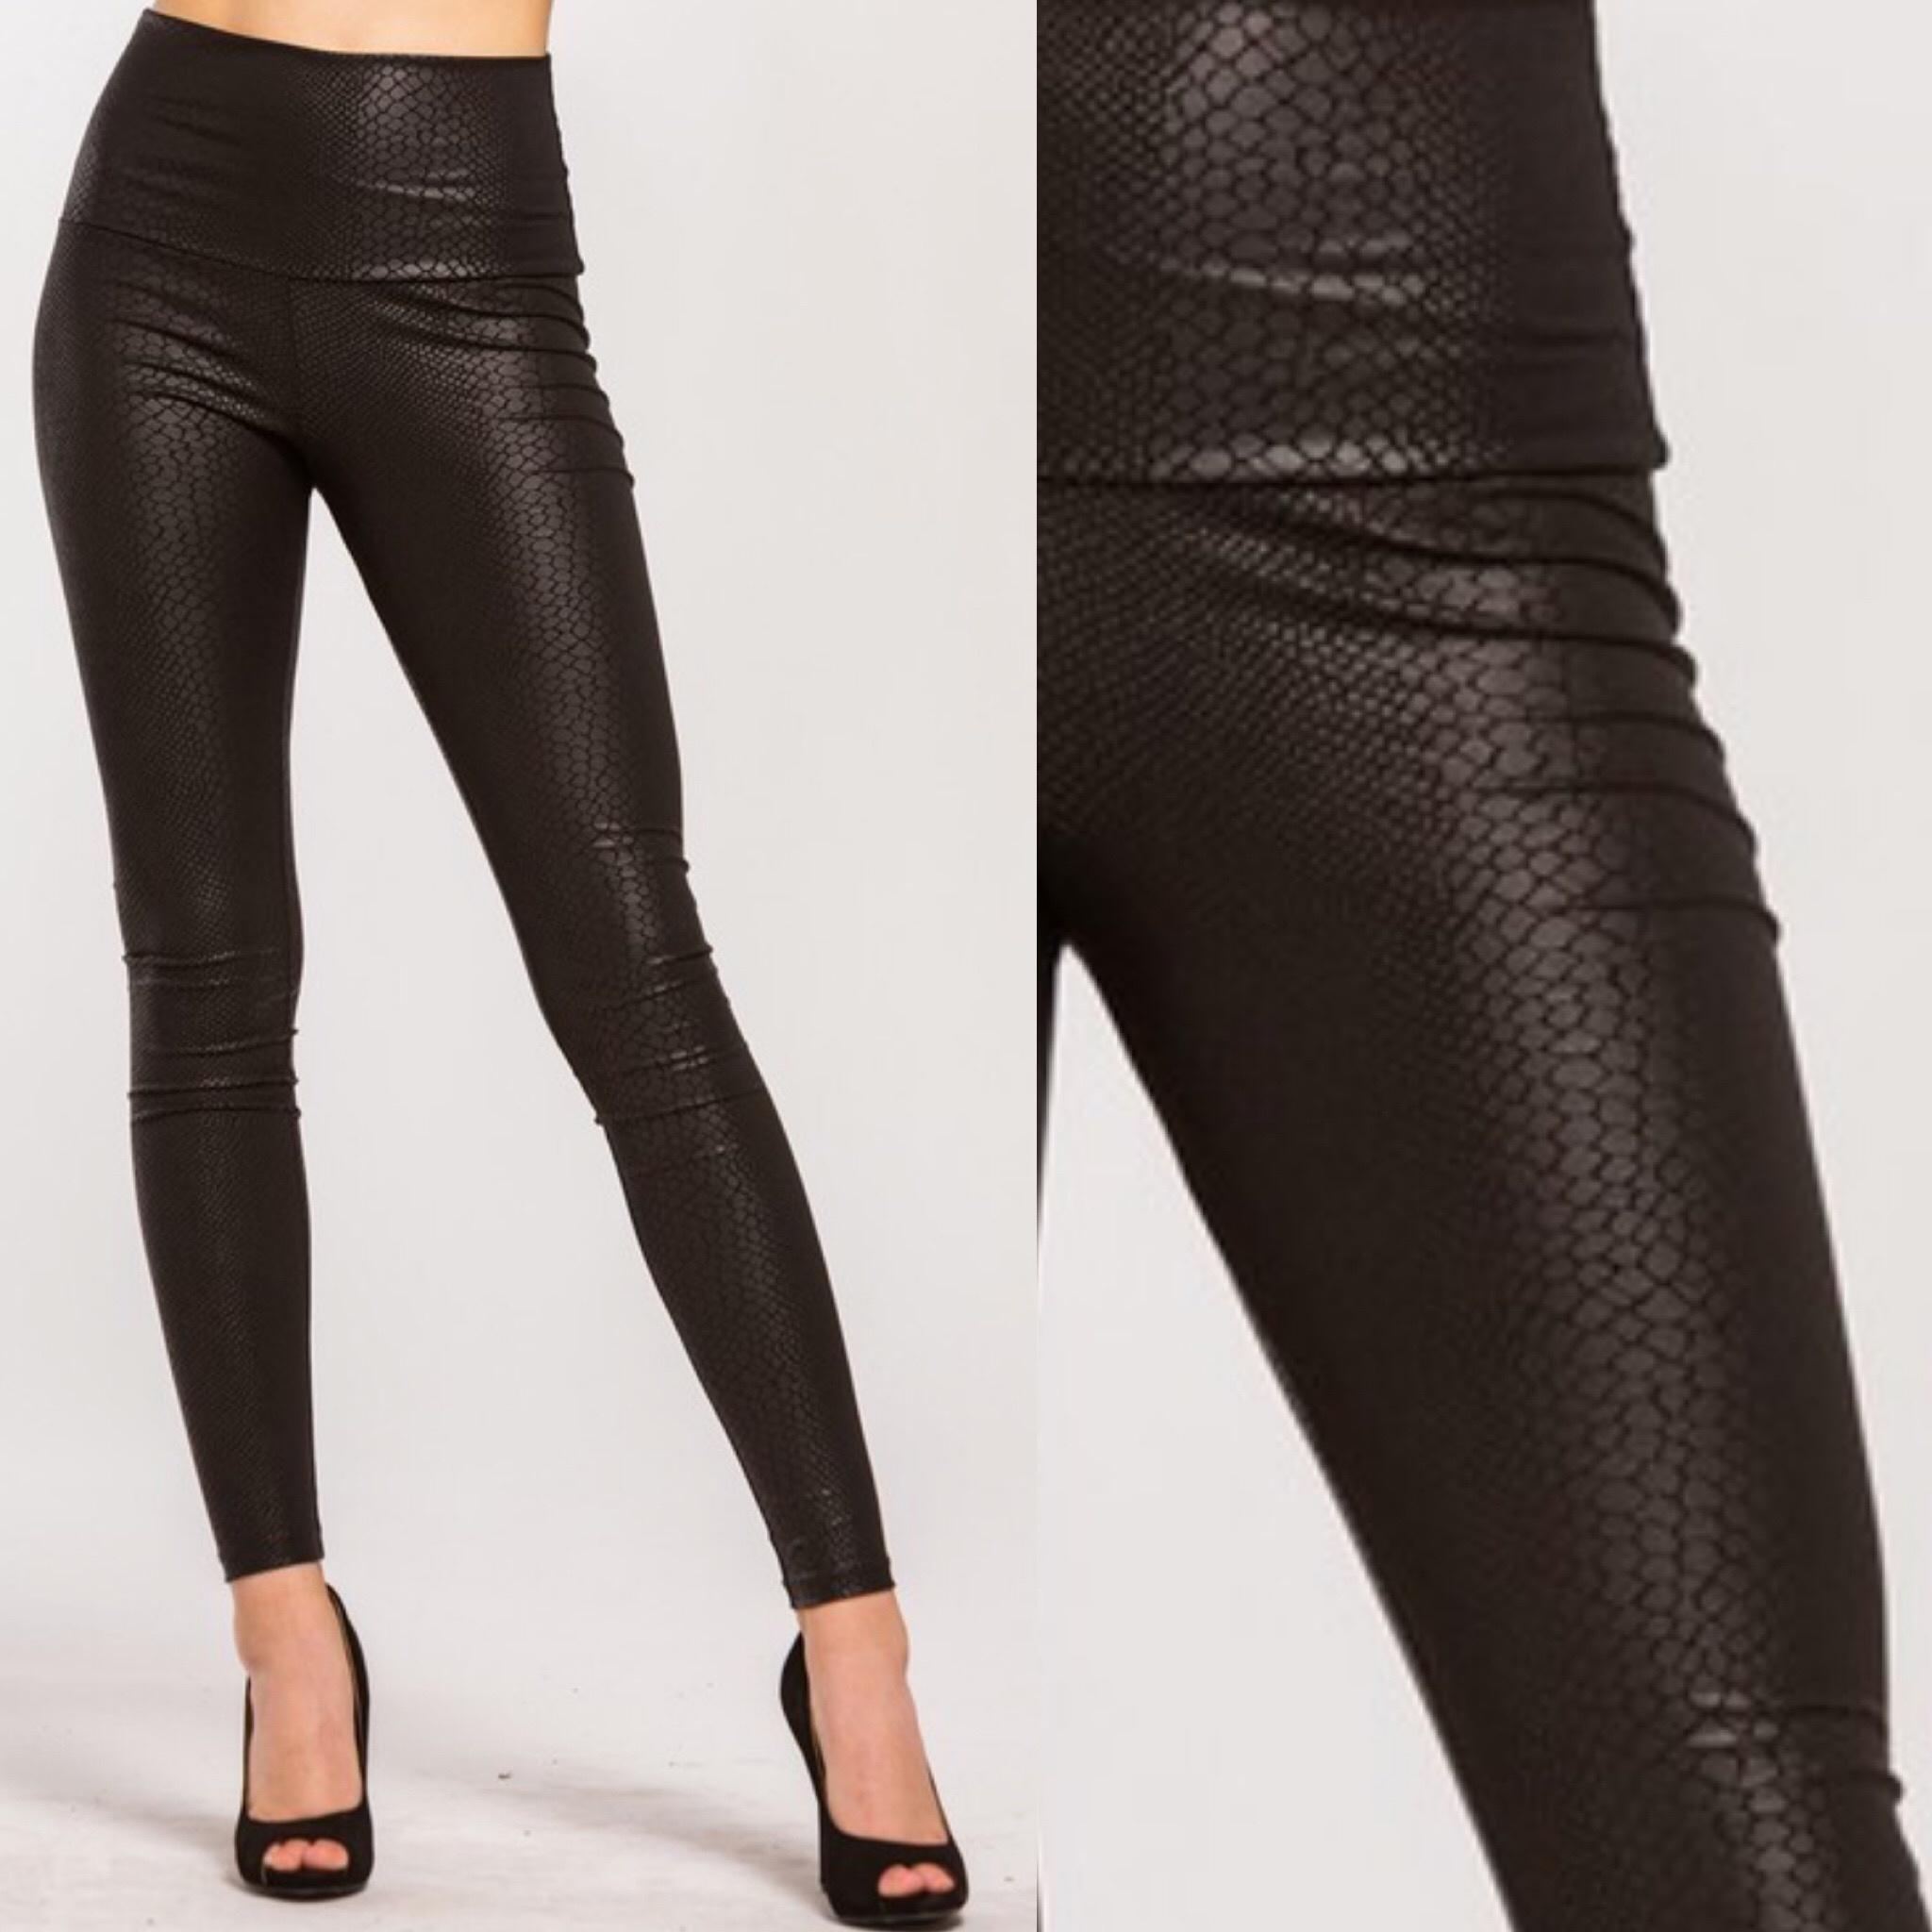 Snake Skin Pleather Leggings - Black